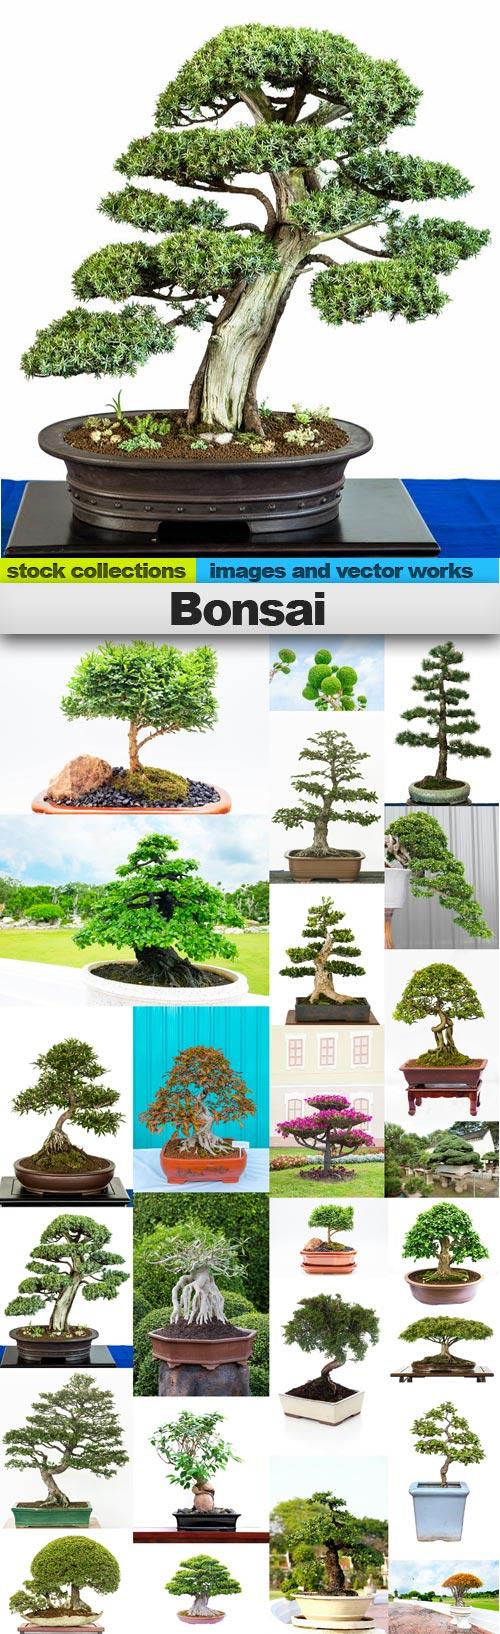 Bonsai,25 x UHQ JPEG